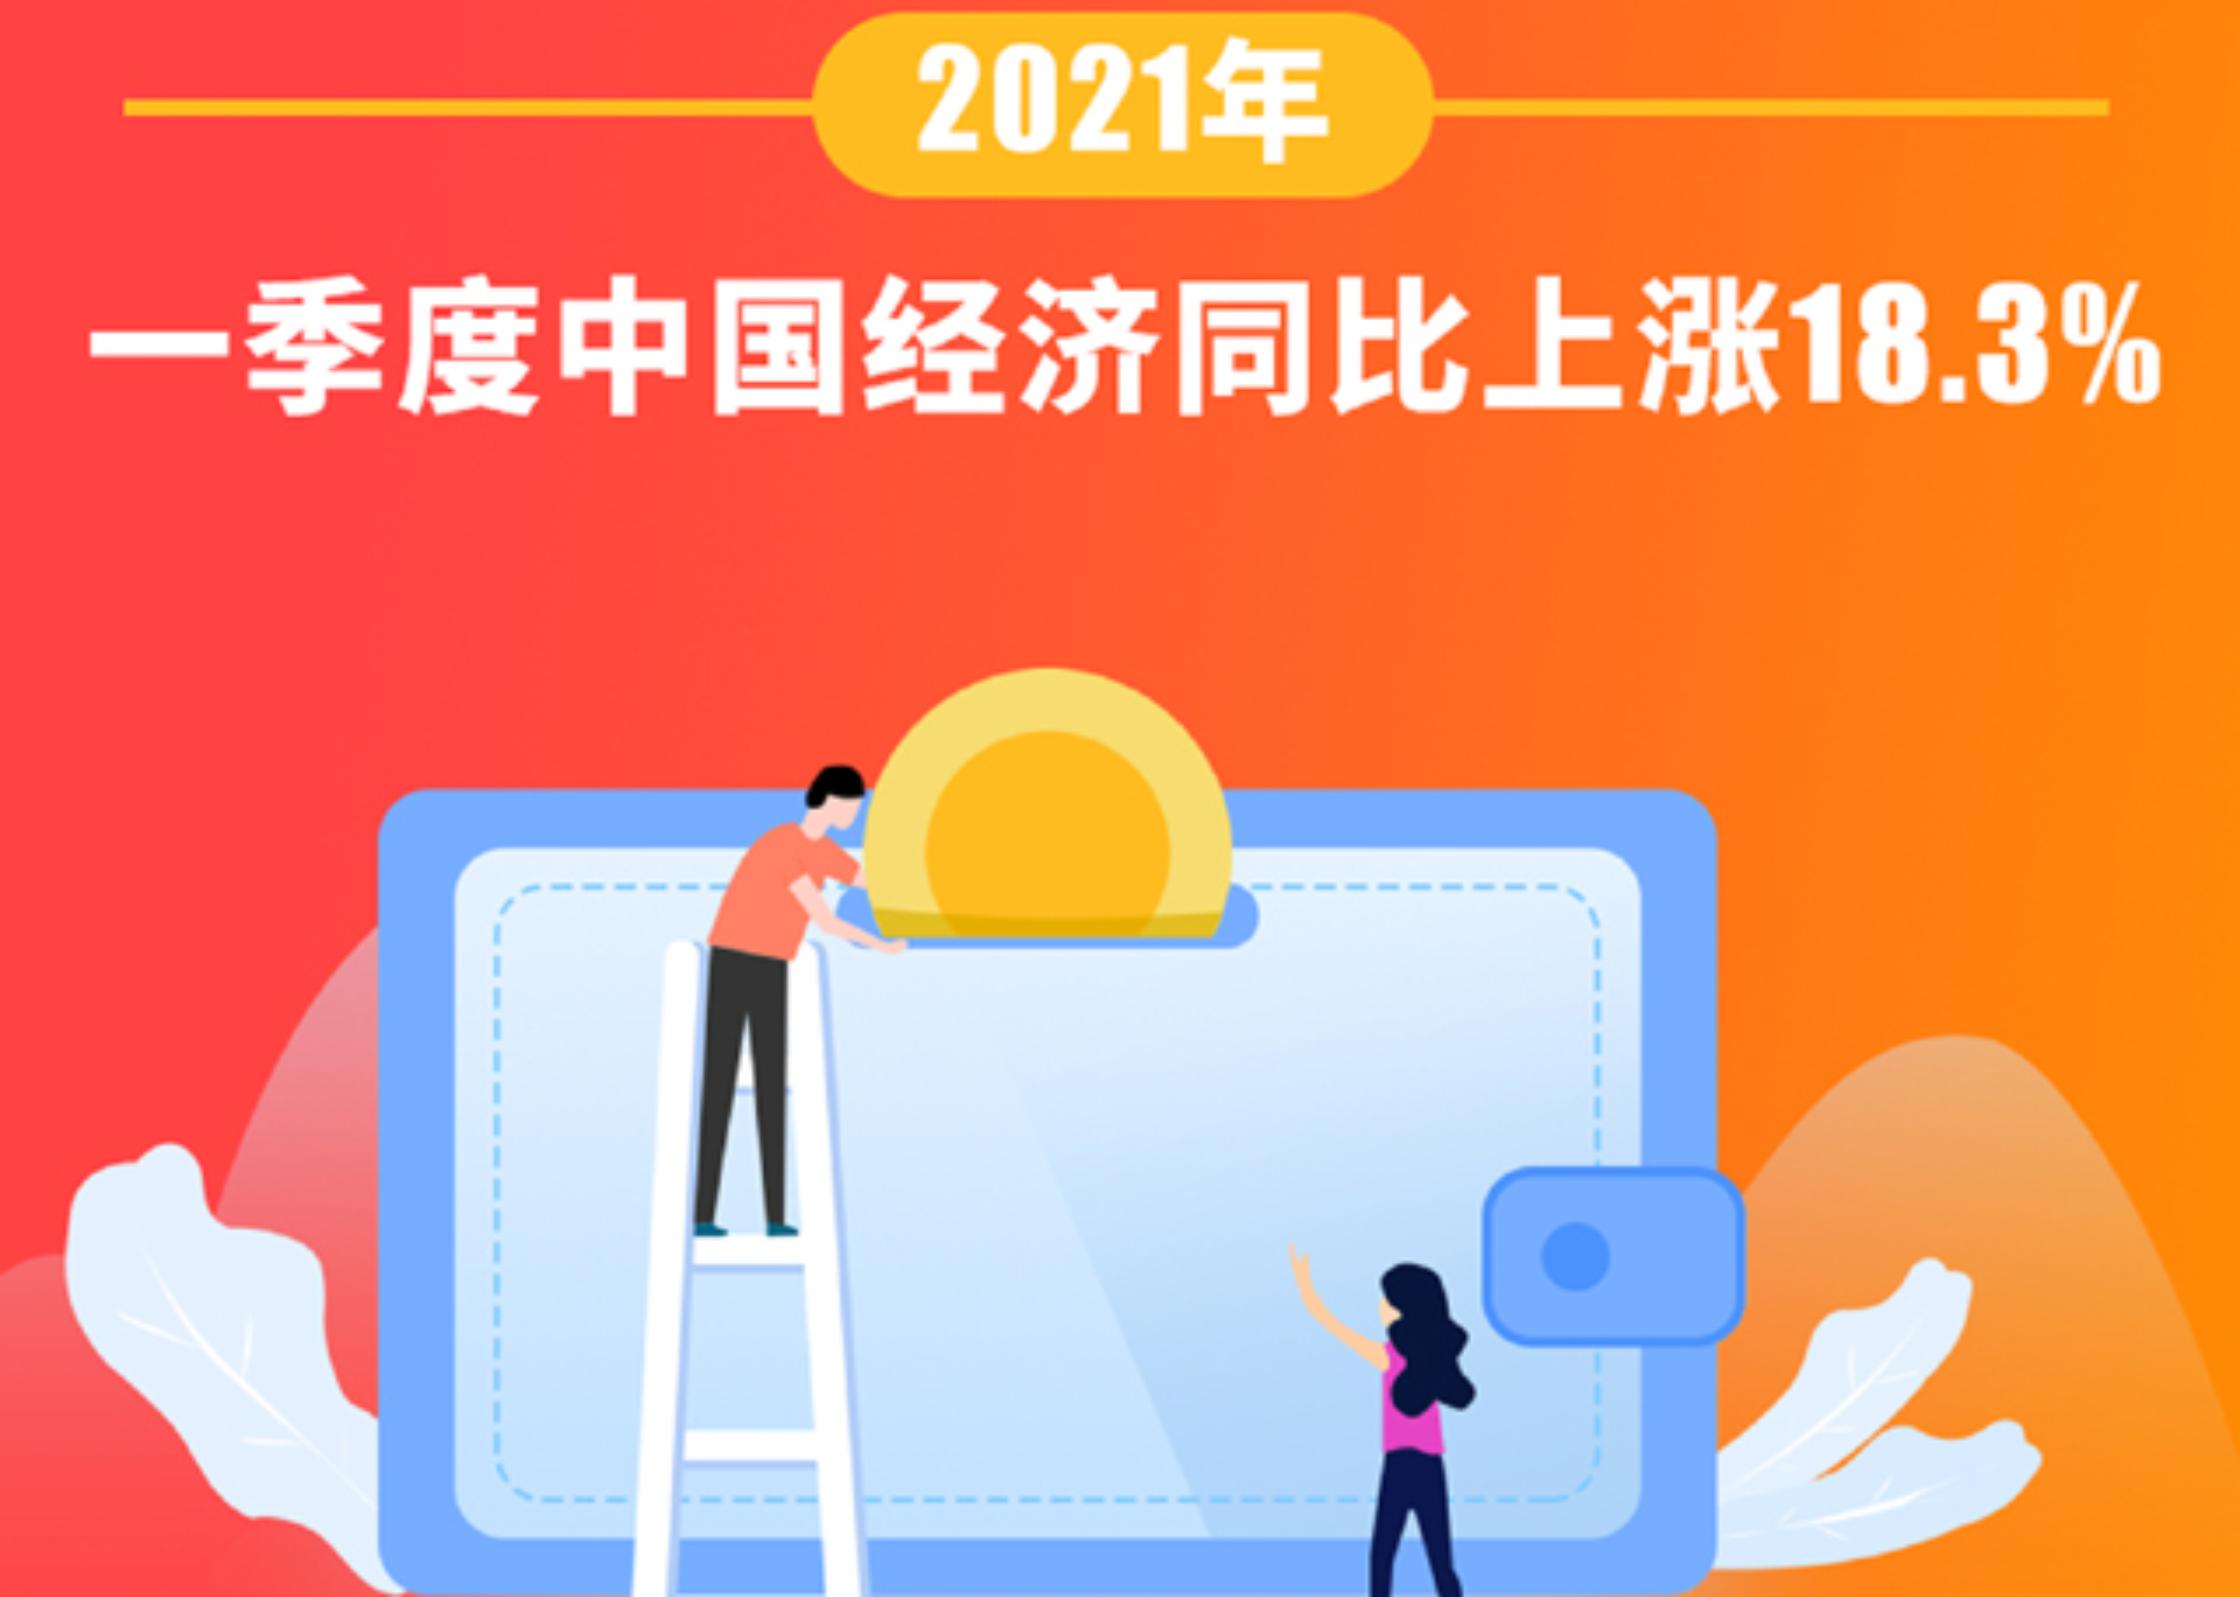 一季度中國經濟同比上漲18.3%